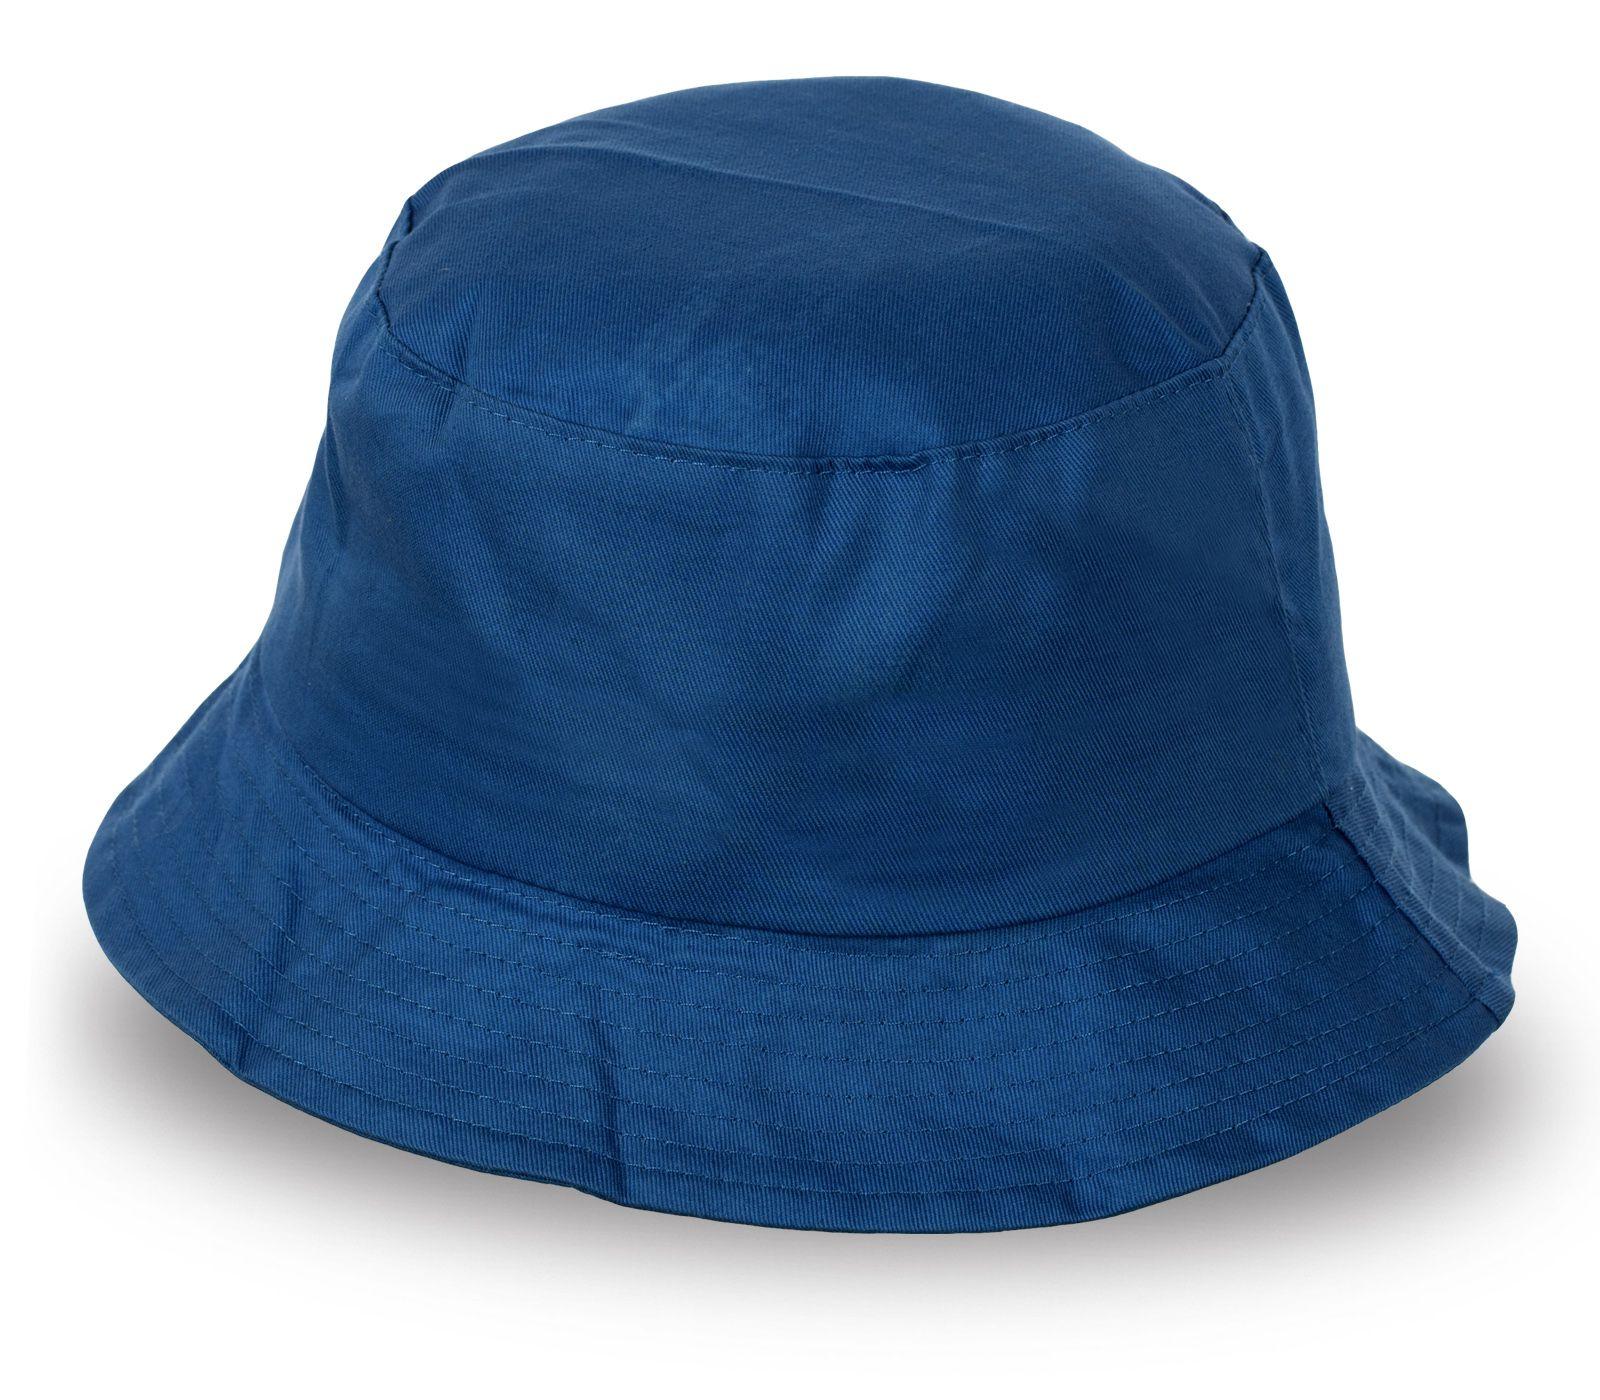 Синяя панама для пикника - купить недорого